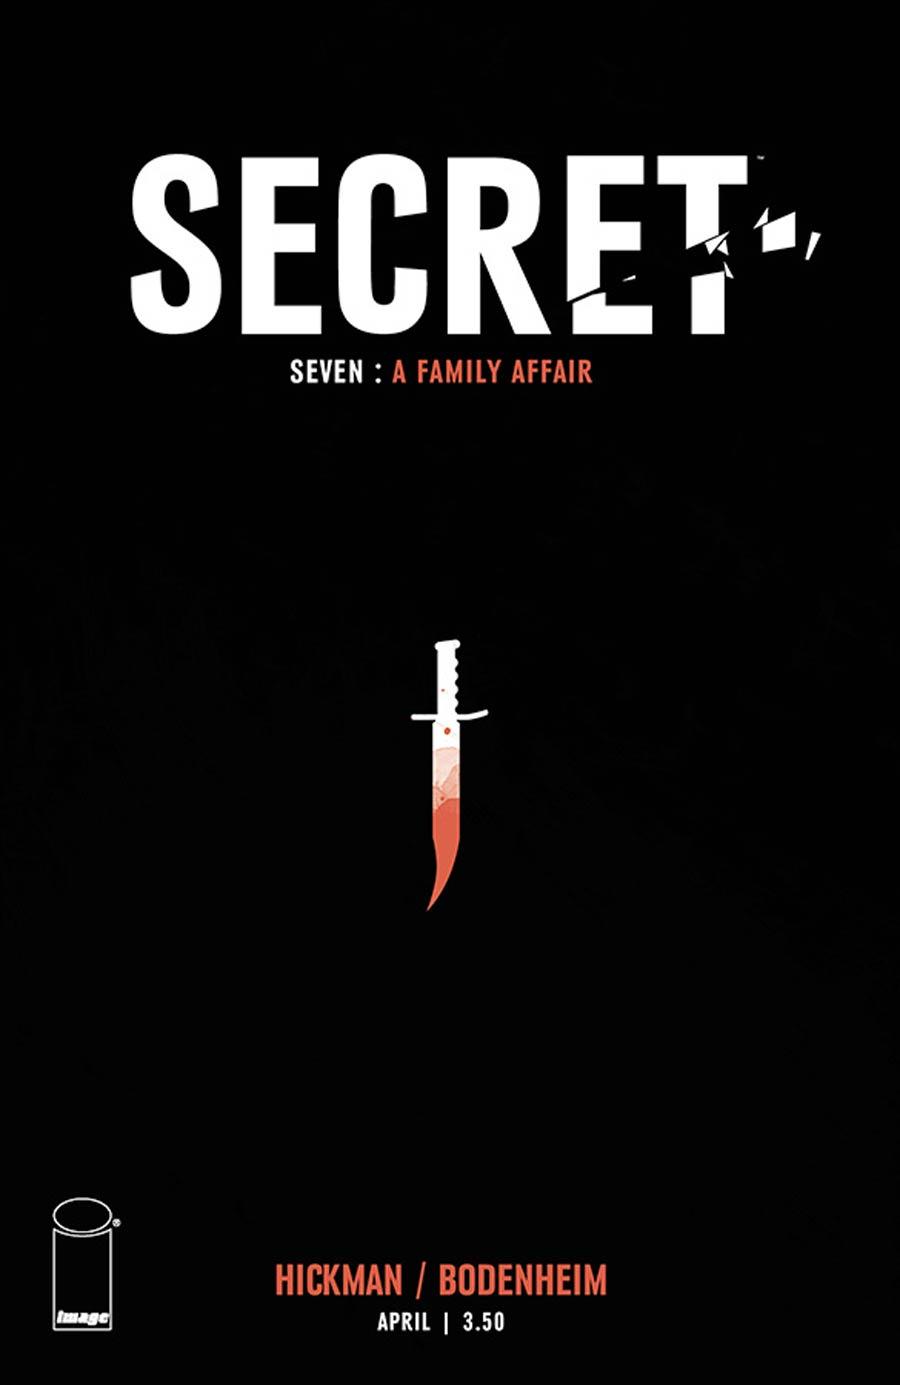 Secret #7